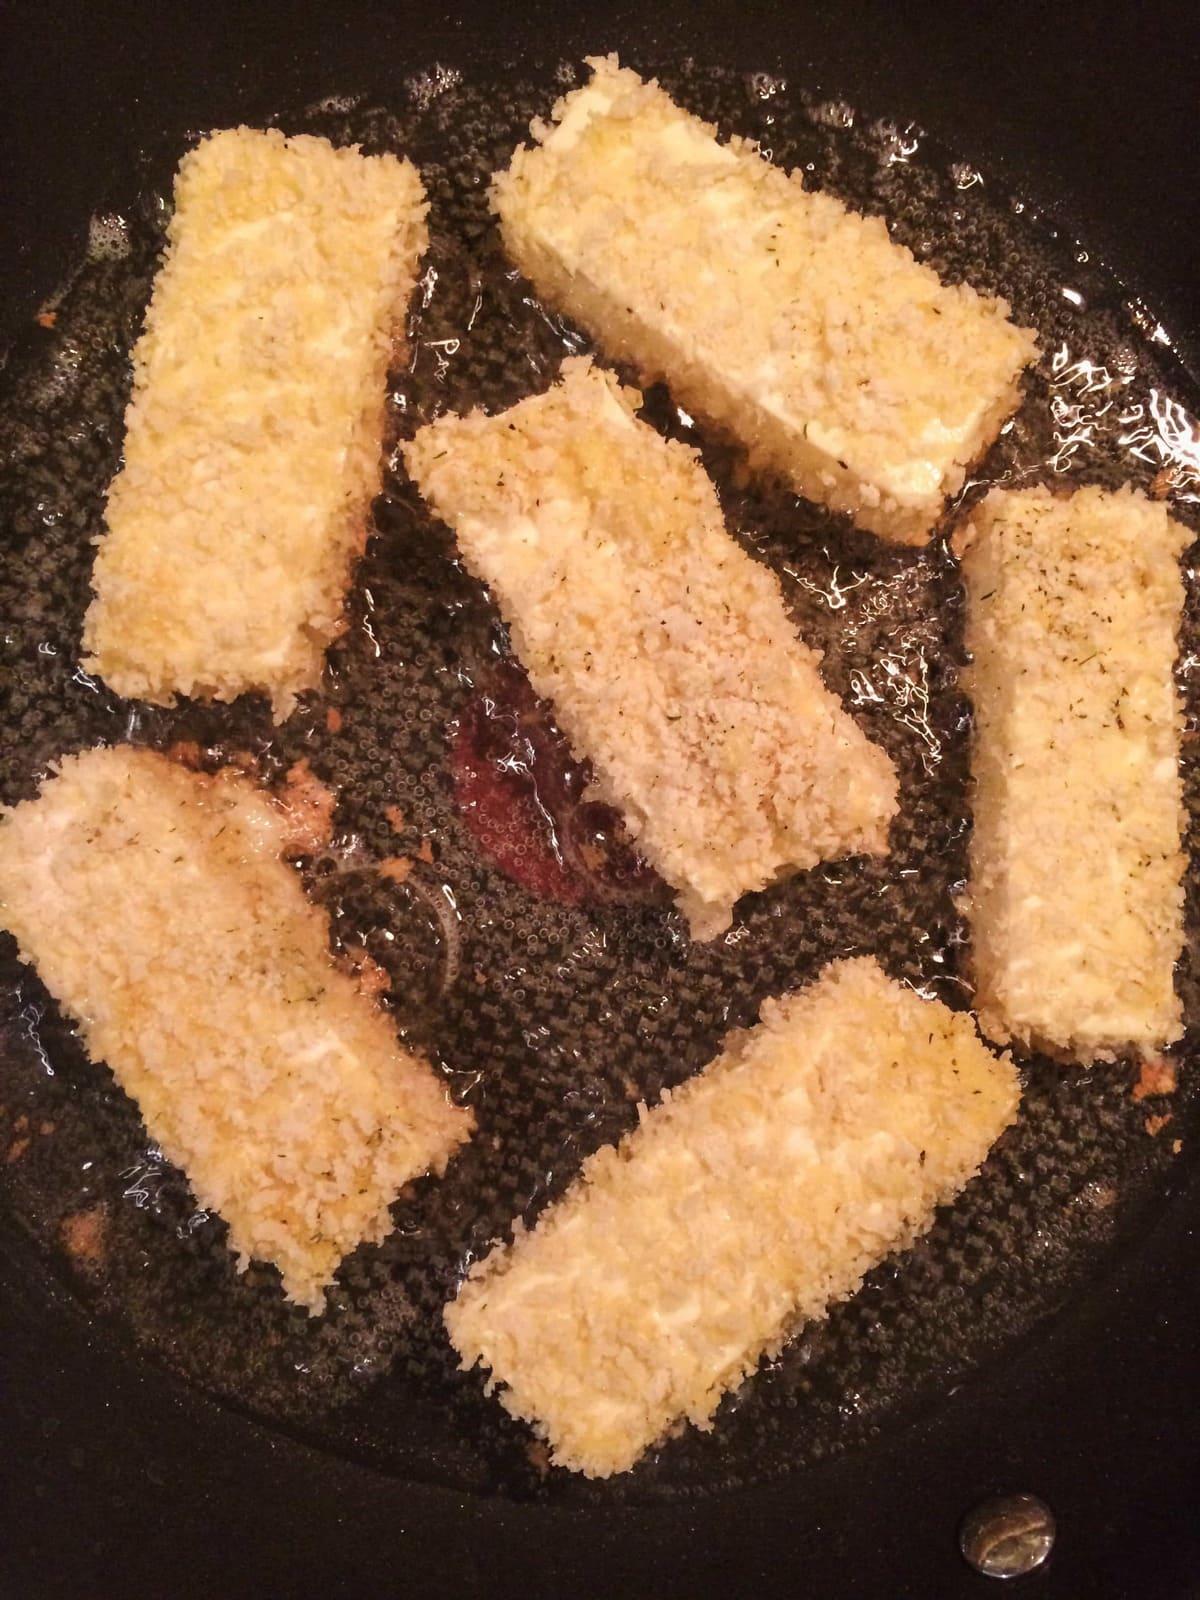 frying panko tofu